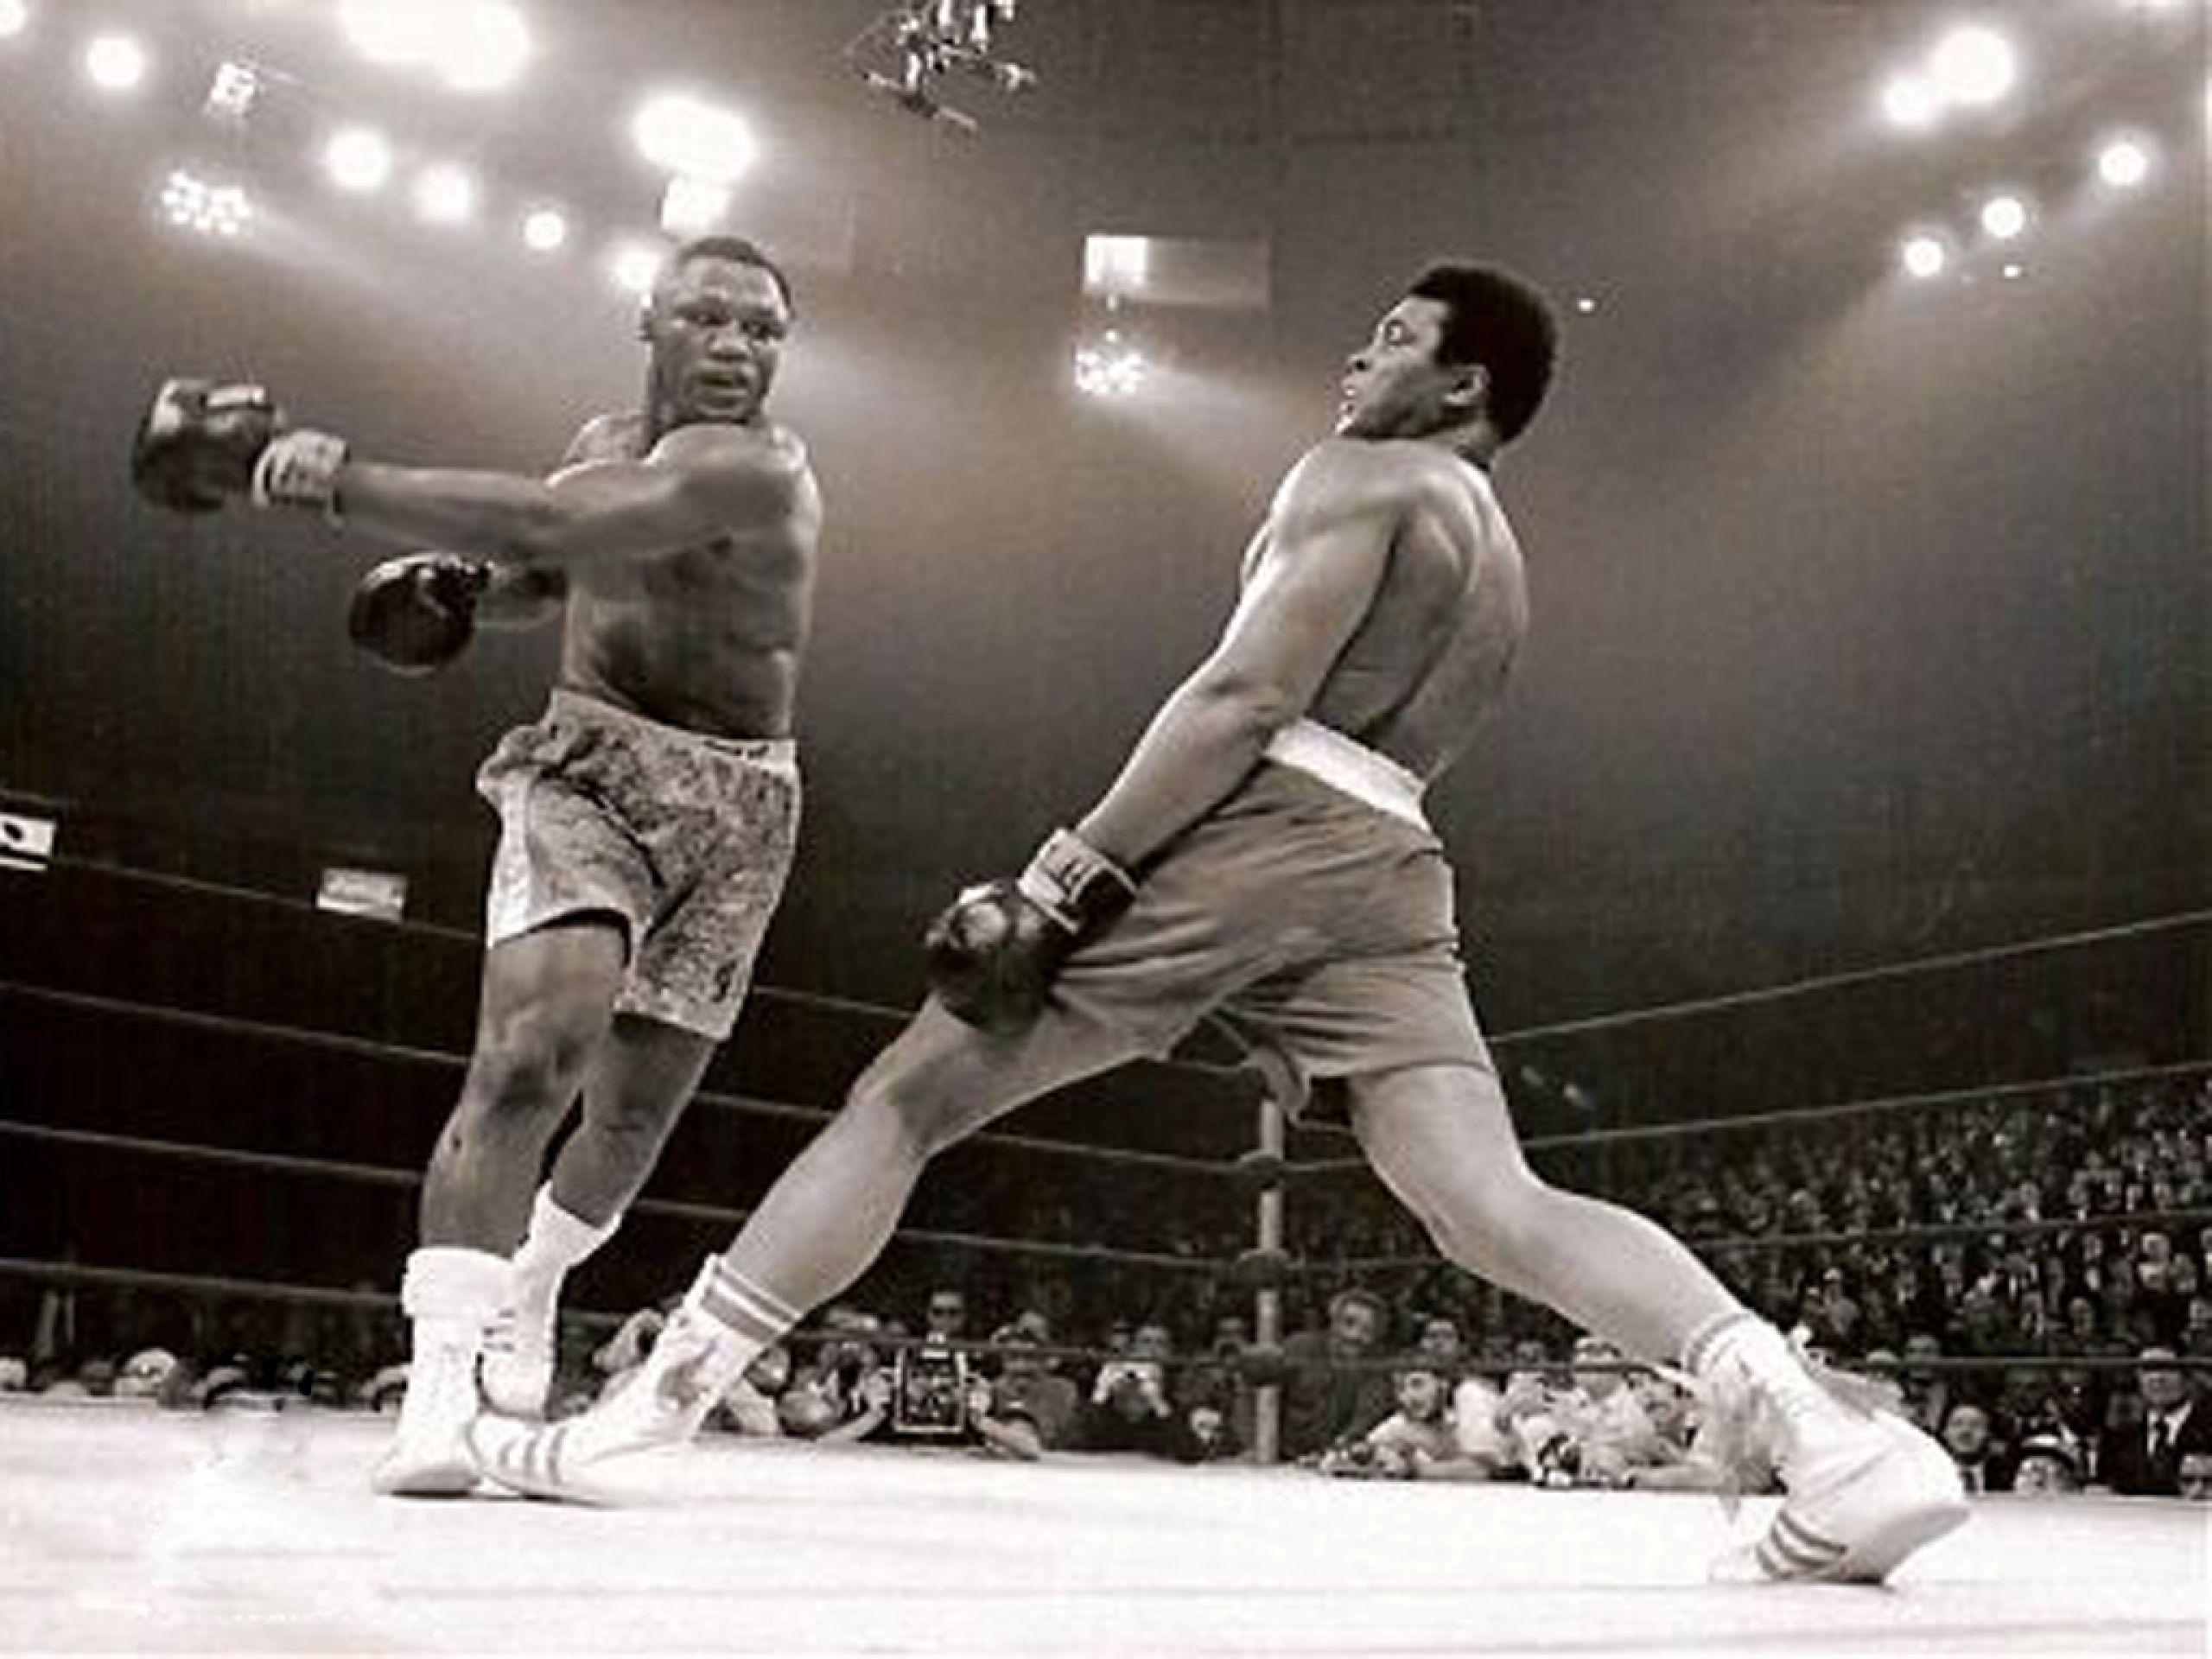 George Foreman vs Muhammad Ali, storico incontro che vide vincitore Ali dopo 8 round.